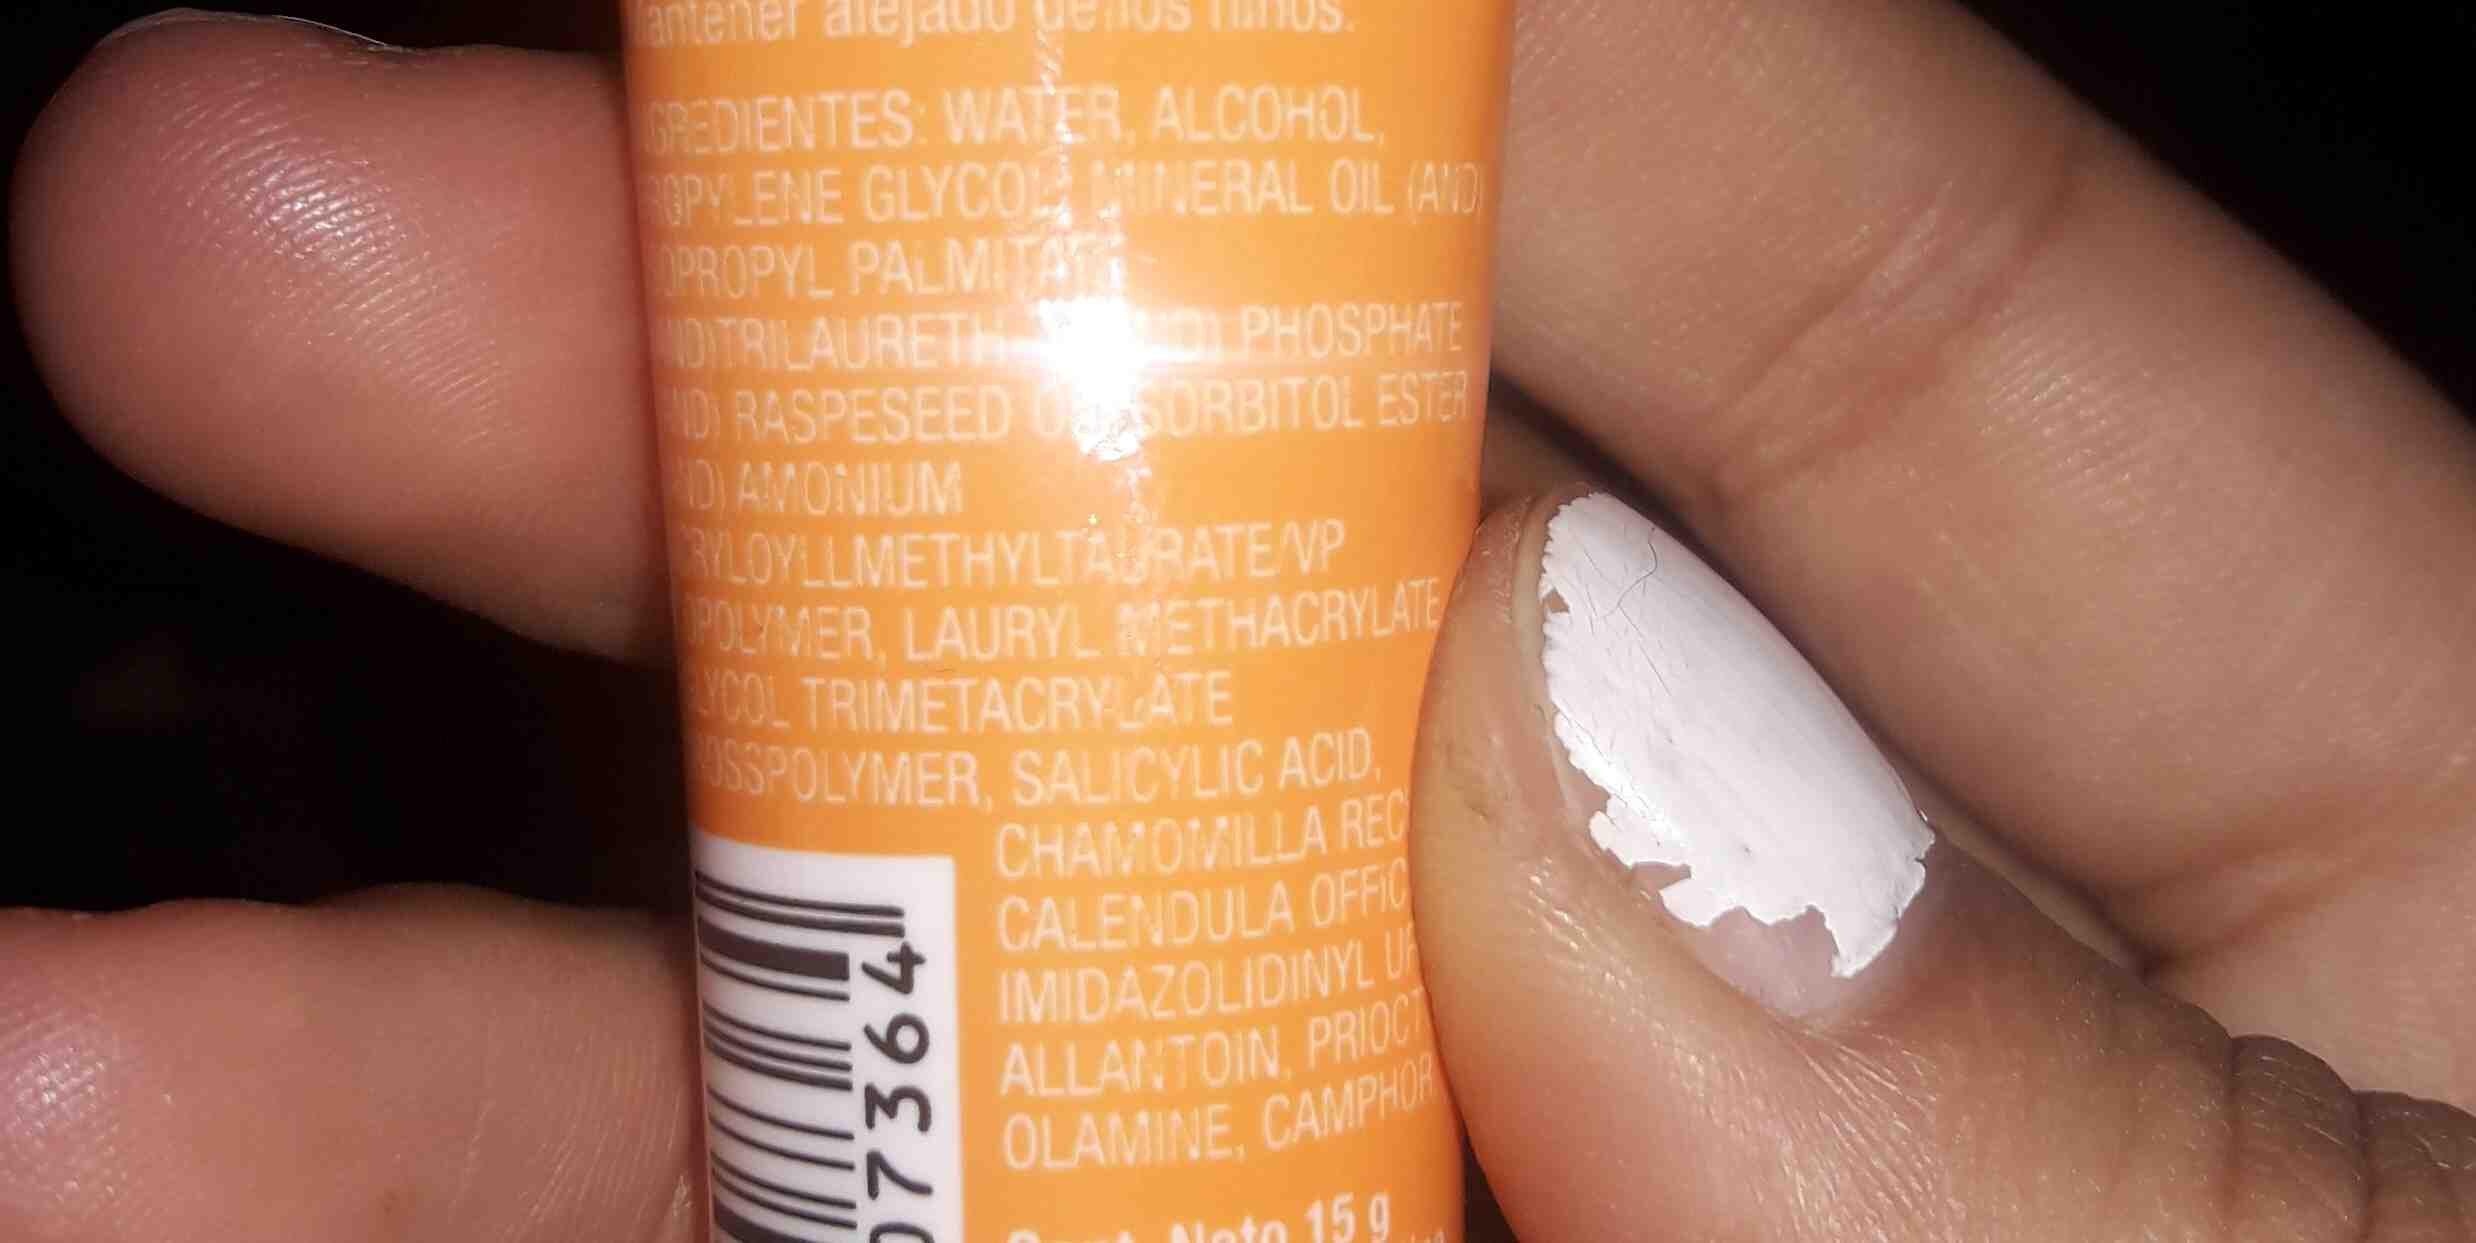 amodil - Ingredients - en